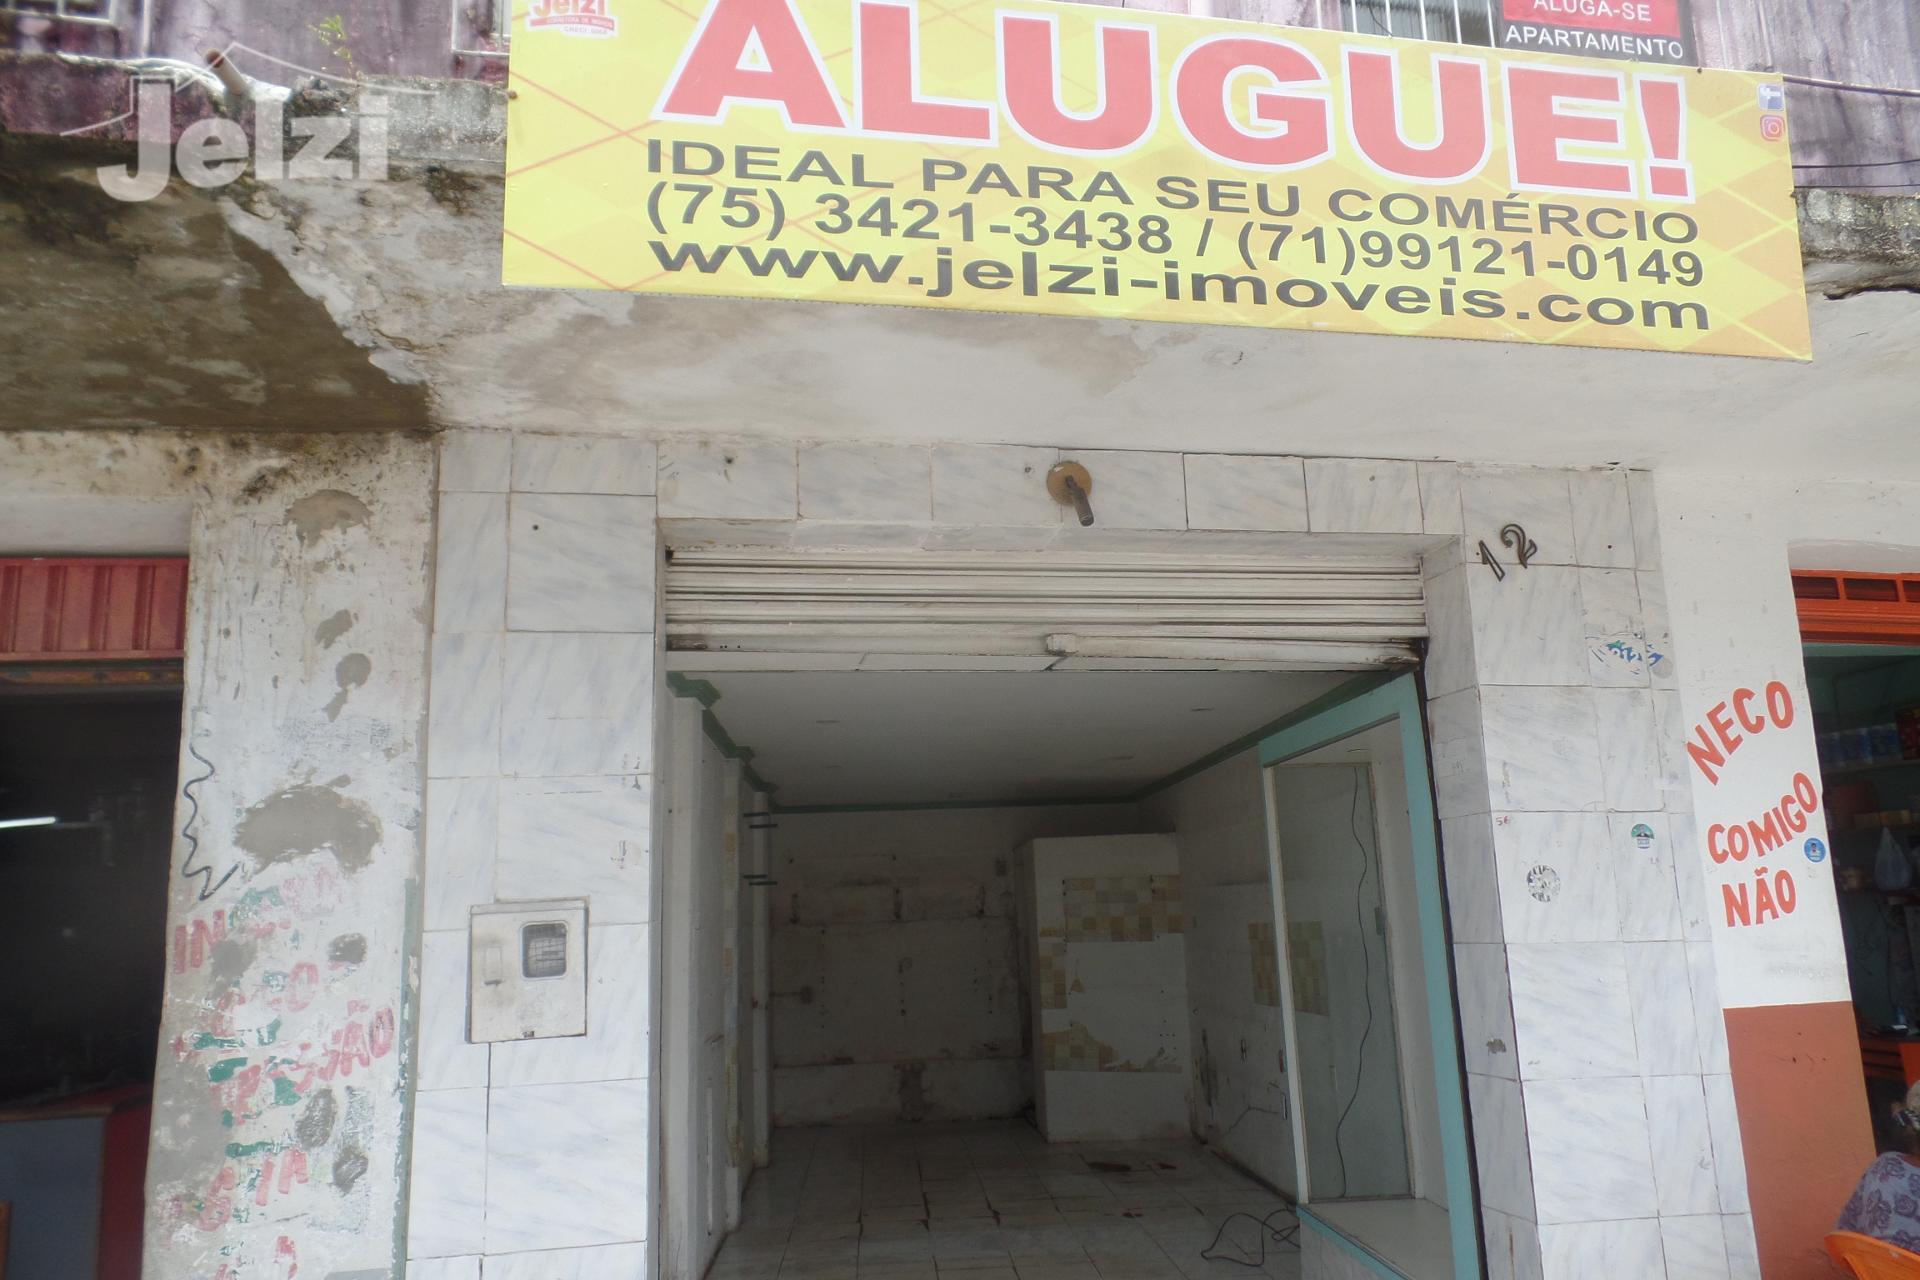 Comercial, Praça Kennedy, ALAGOINHAS - BA